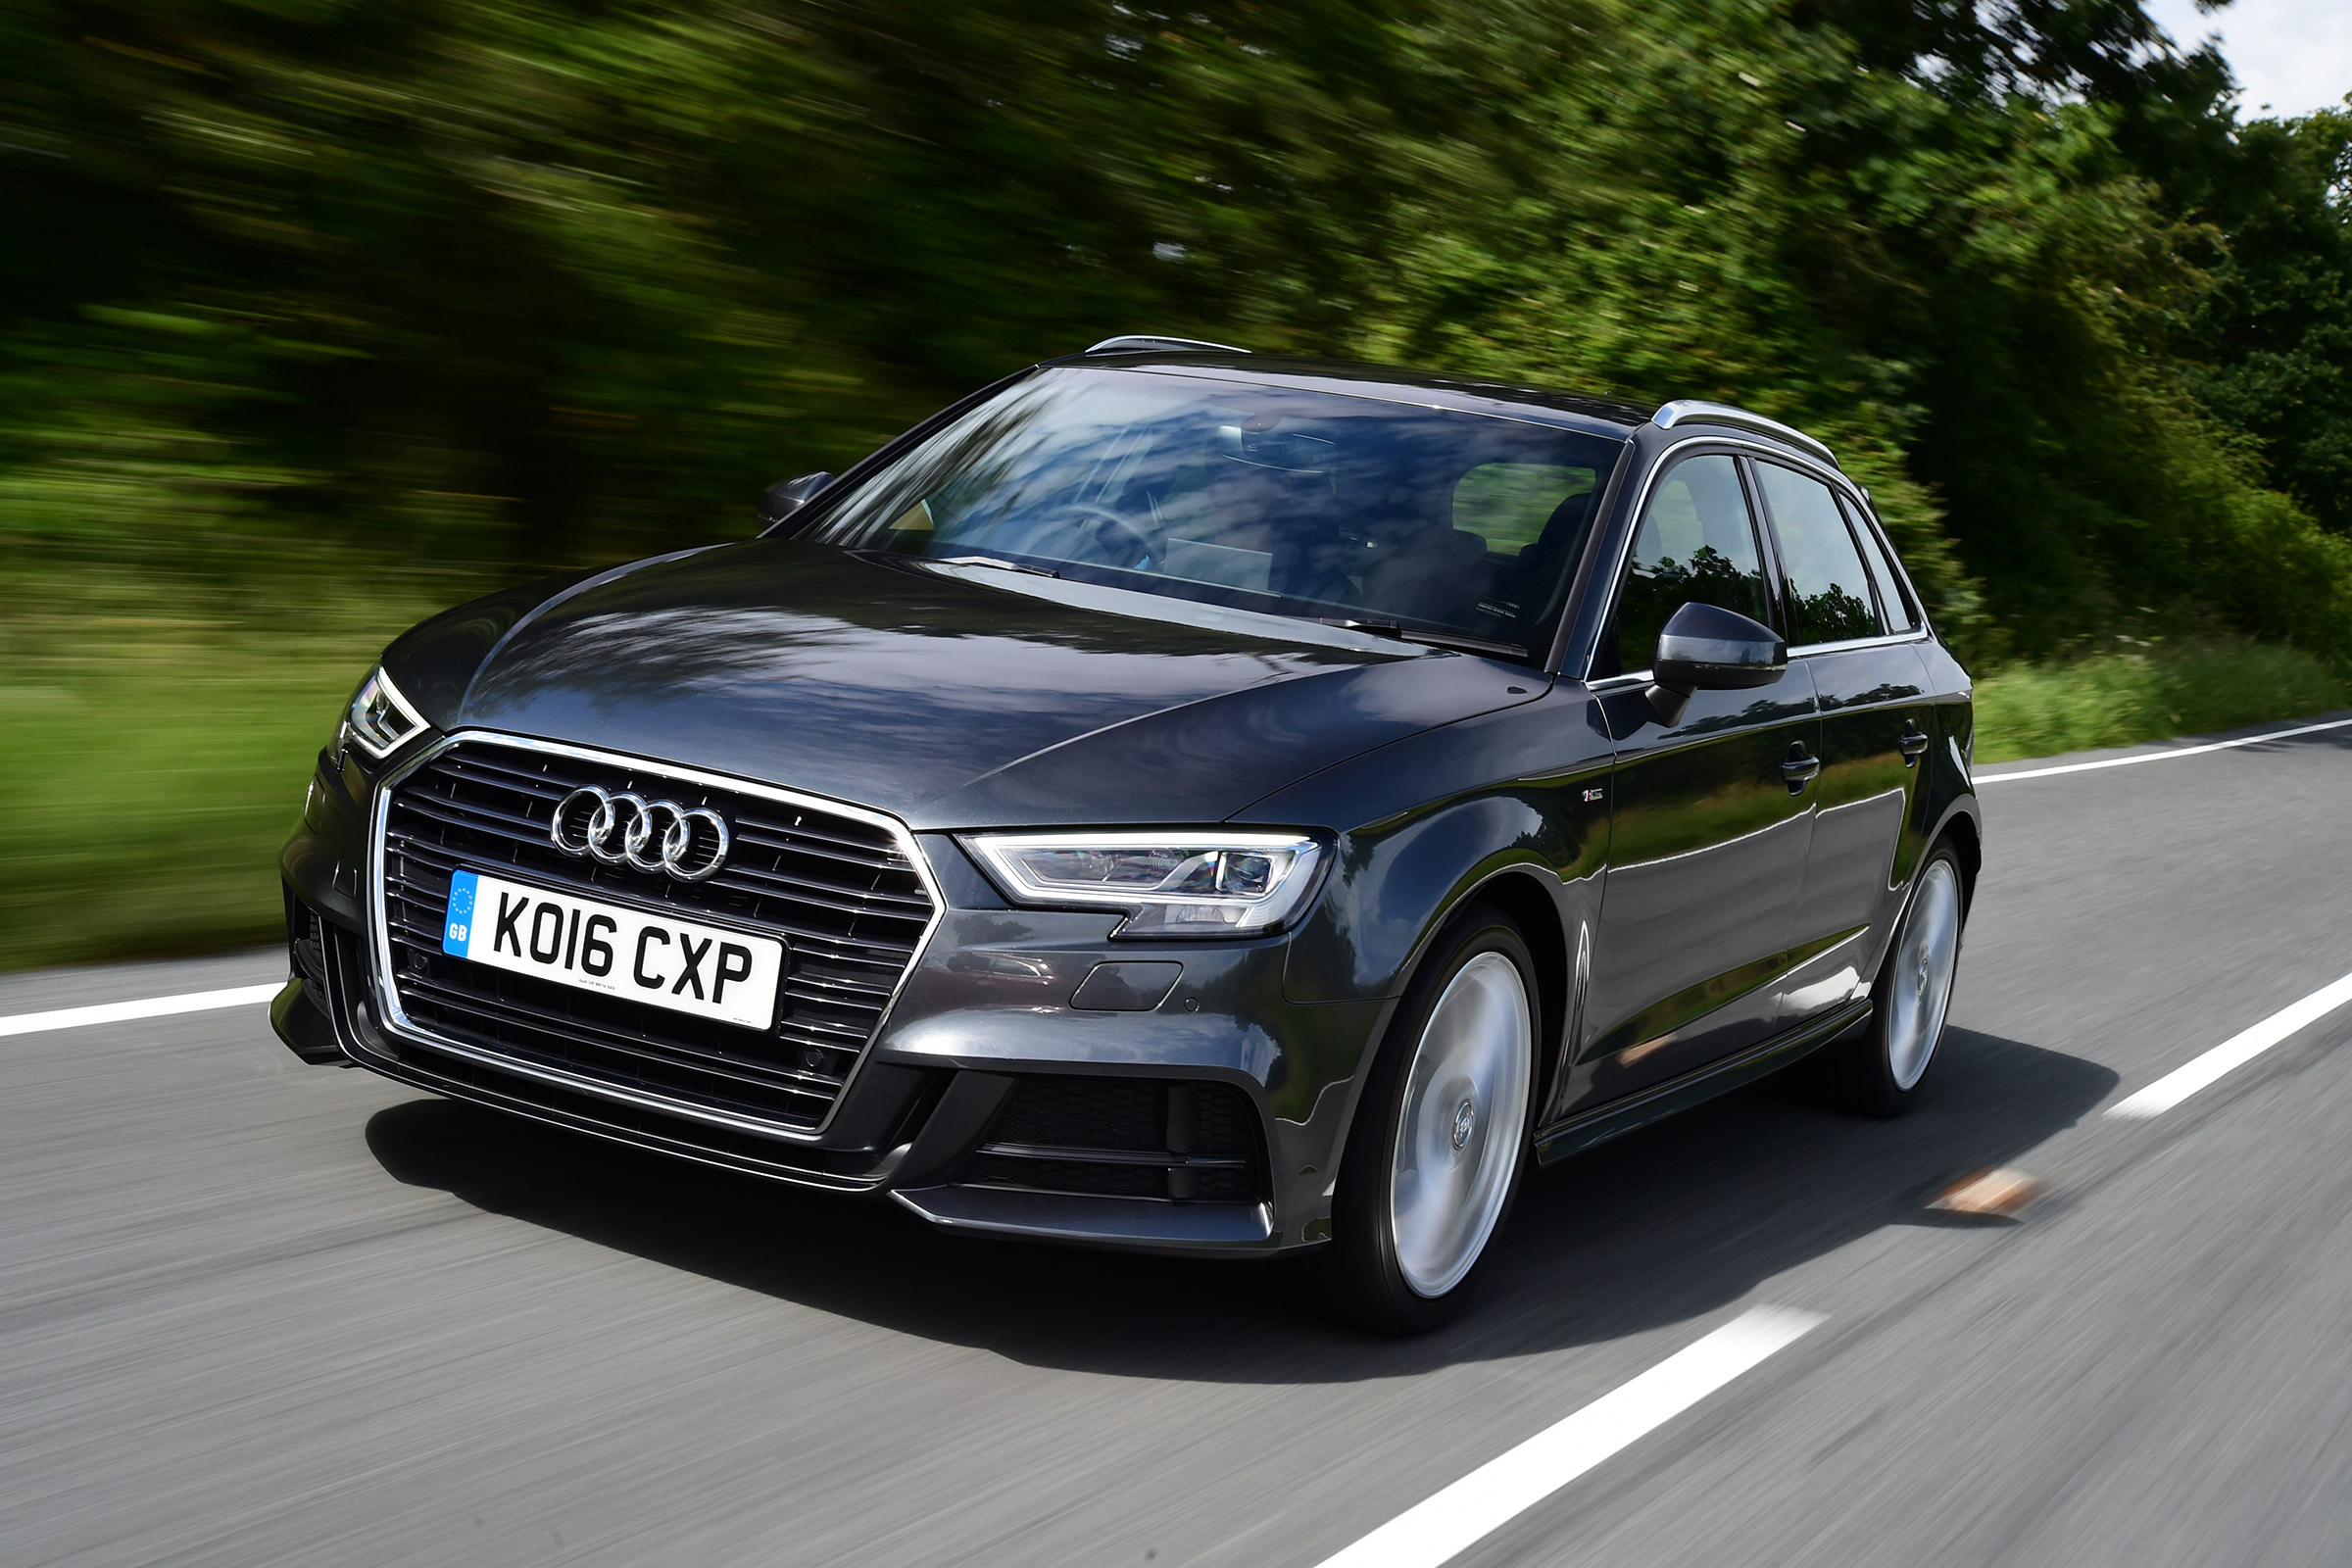 Kelebihan Audi A3 2.0 Tdi Spesifikasi